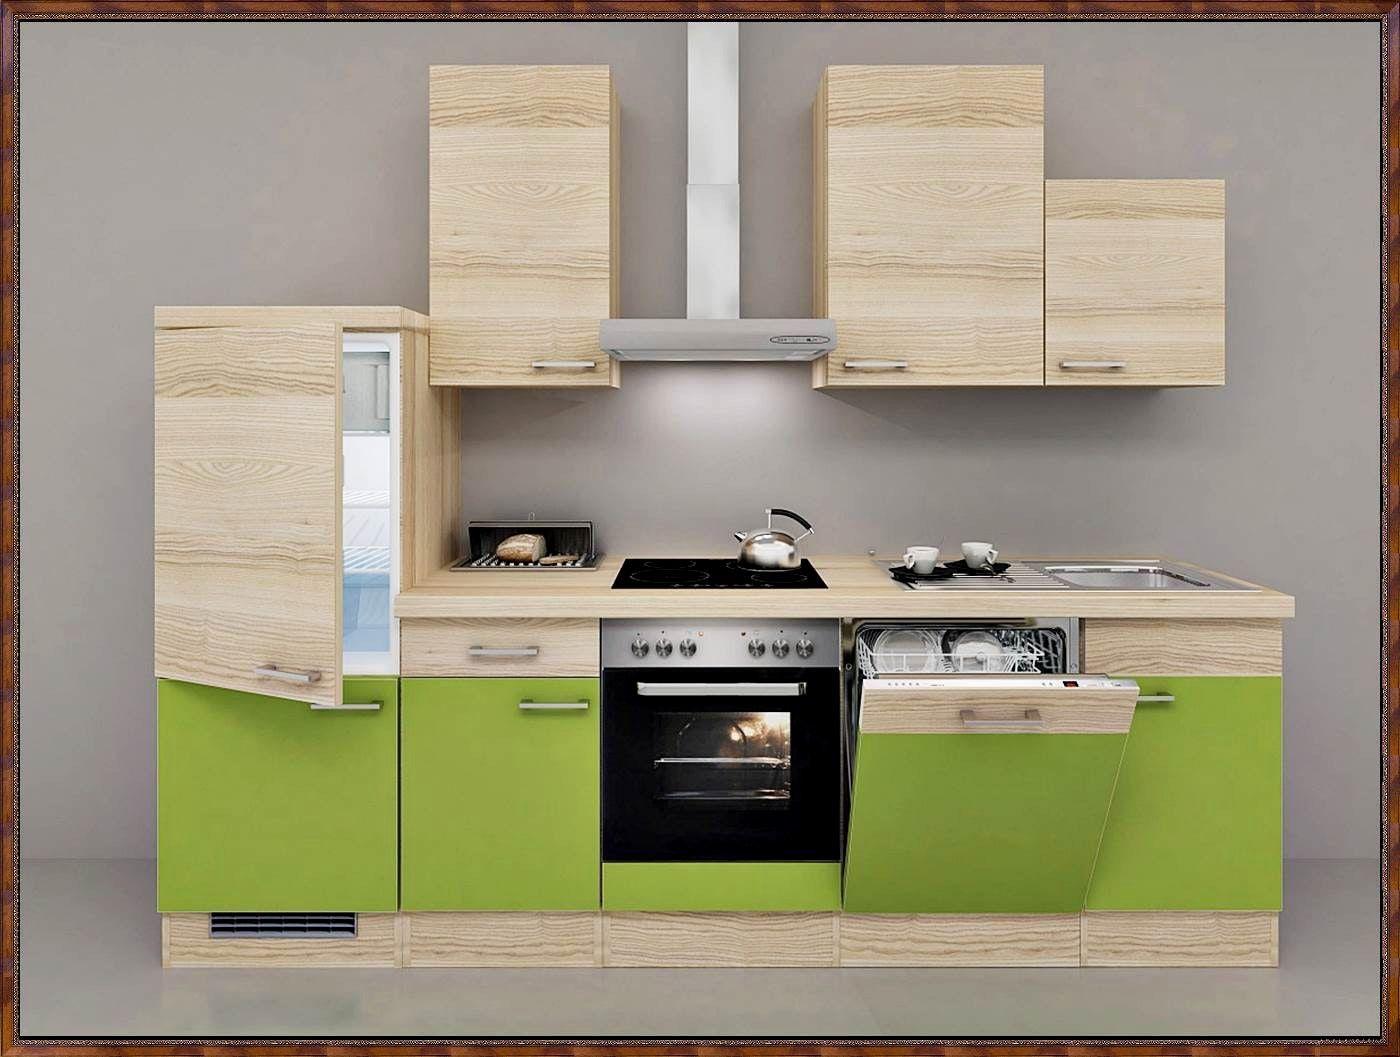 Full Size of Sconto Küchen Mbel Kchen Skonto Schn Regal Wohnzimmer Sconto Küchen